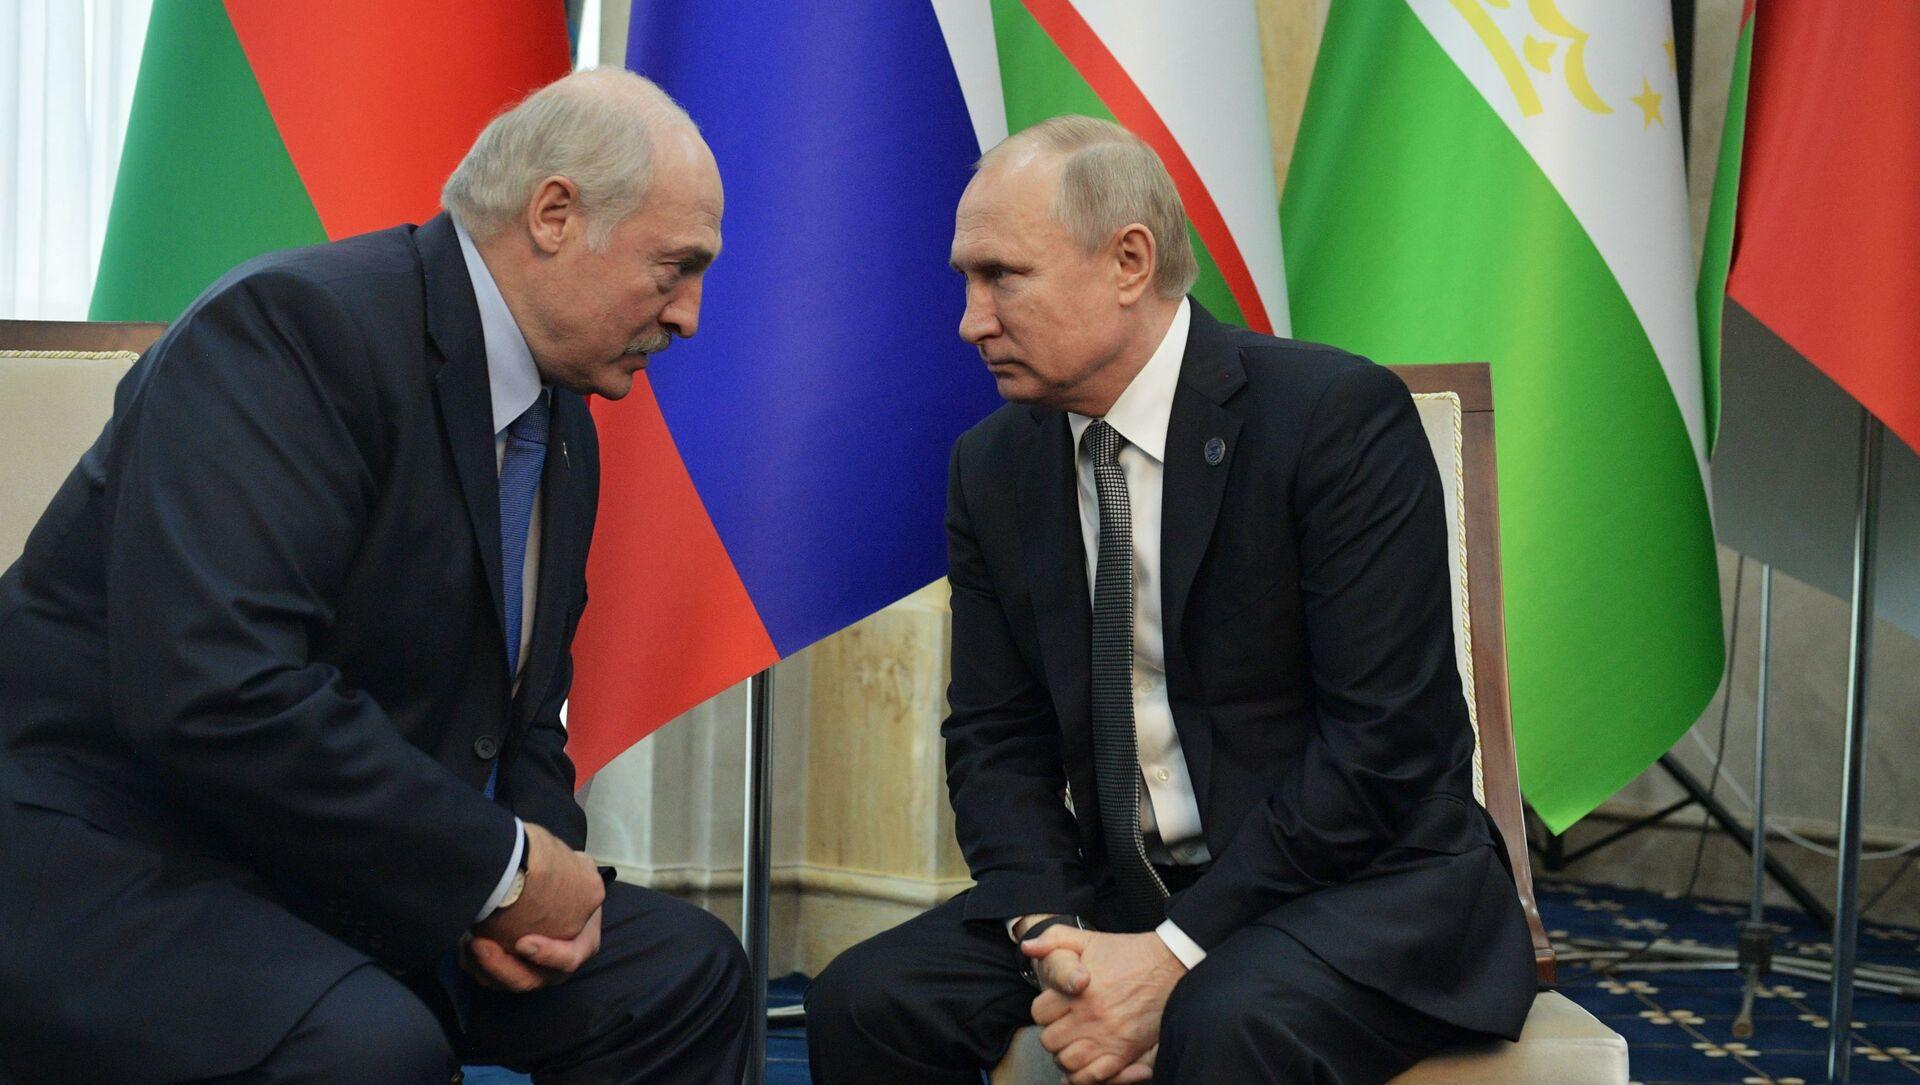 Prezydenci Rosji i Białorusi, Władimir Putin i Aleksandr Łukaszenka. - Sputnik Polska, 1920, 22.04.2021